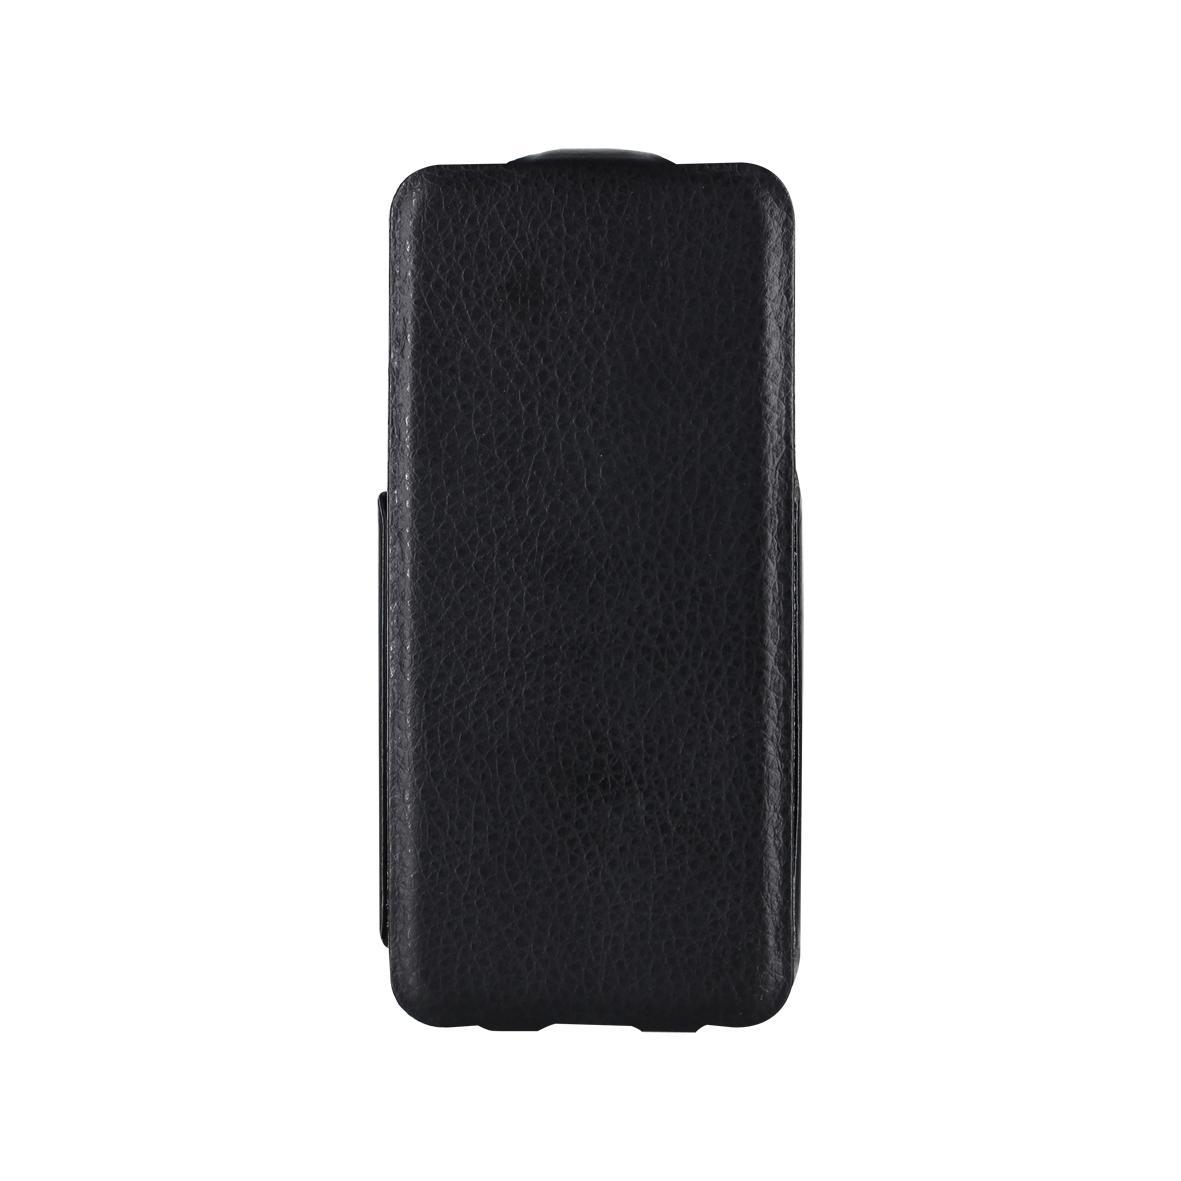 Etui cuir rabat slim noir iPhone 5